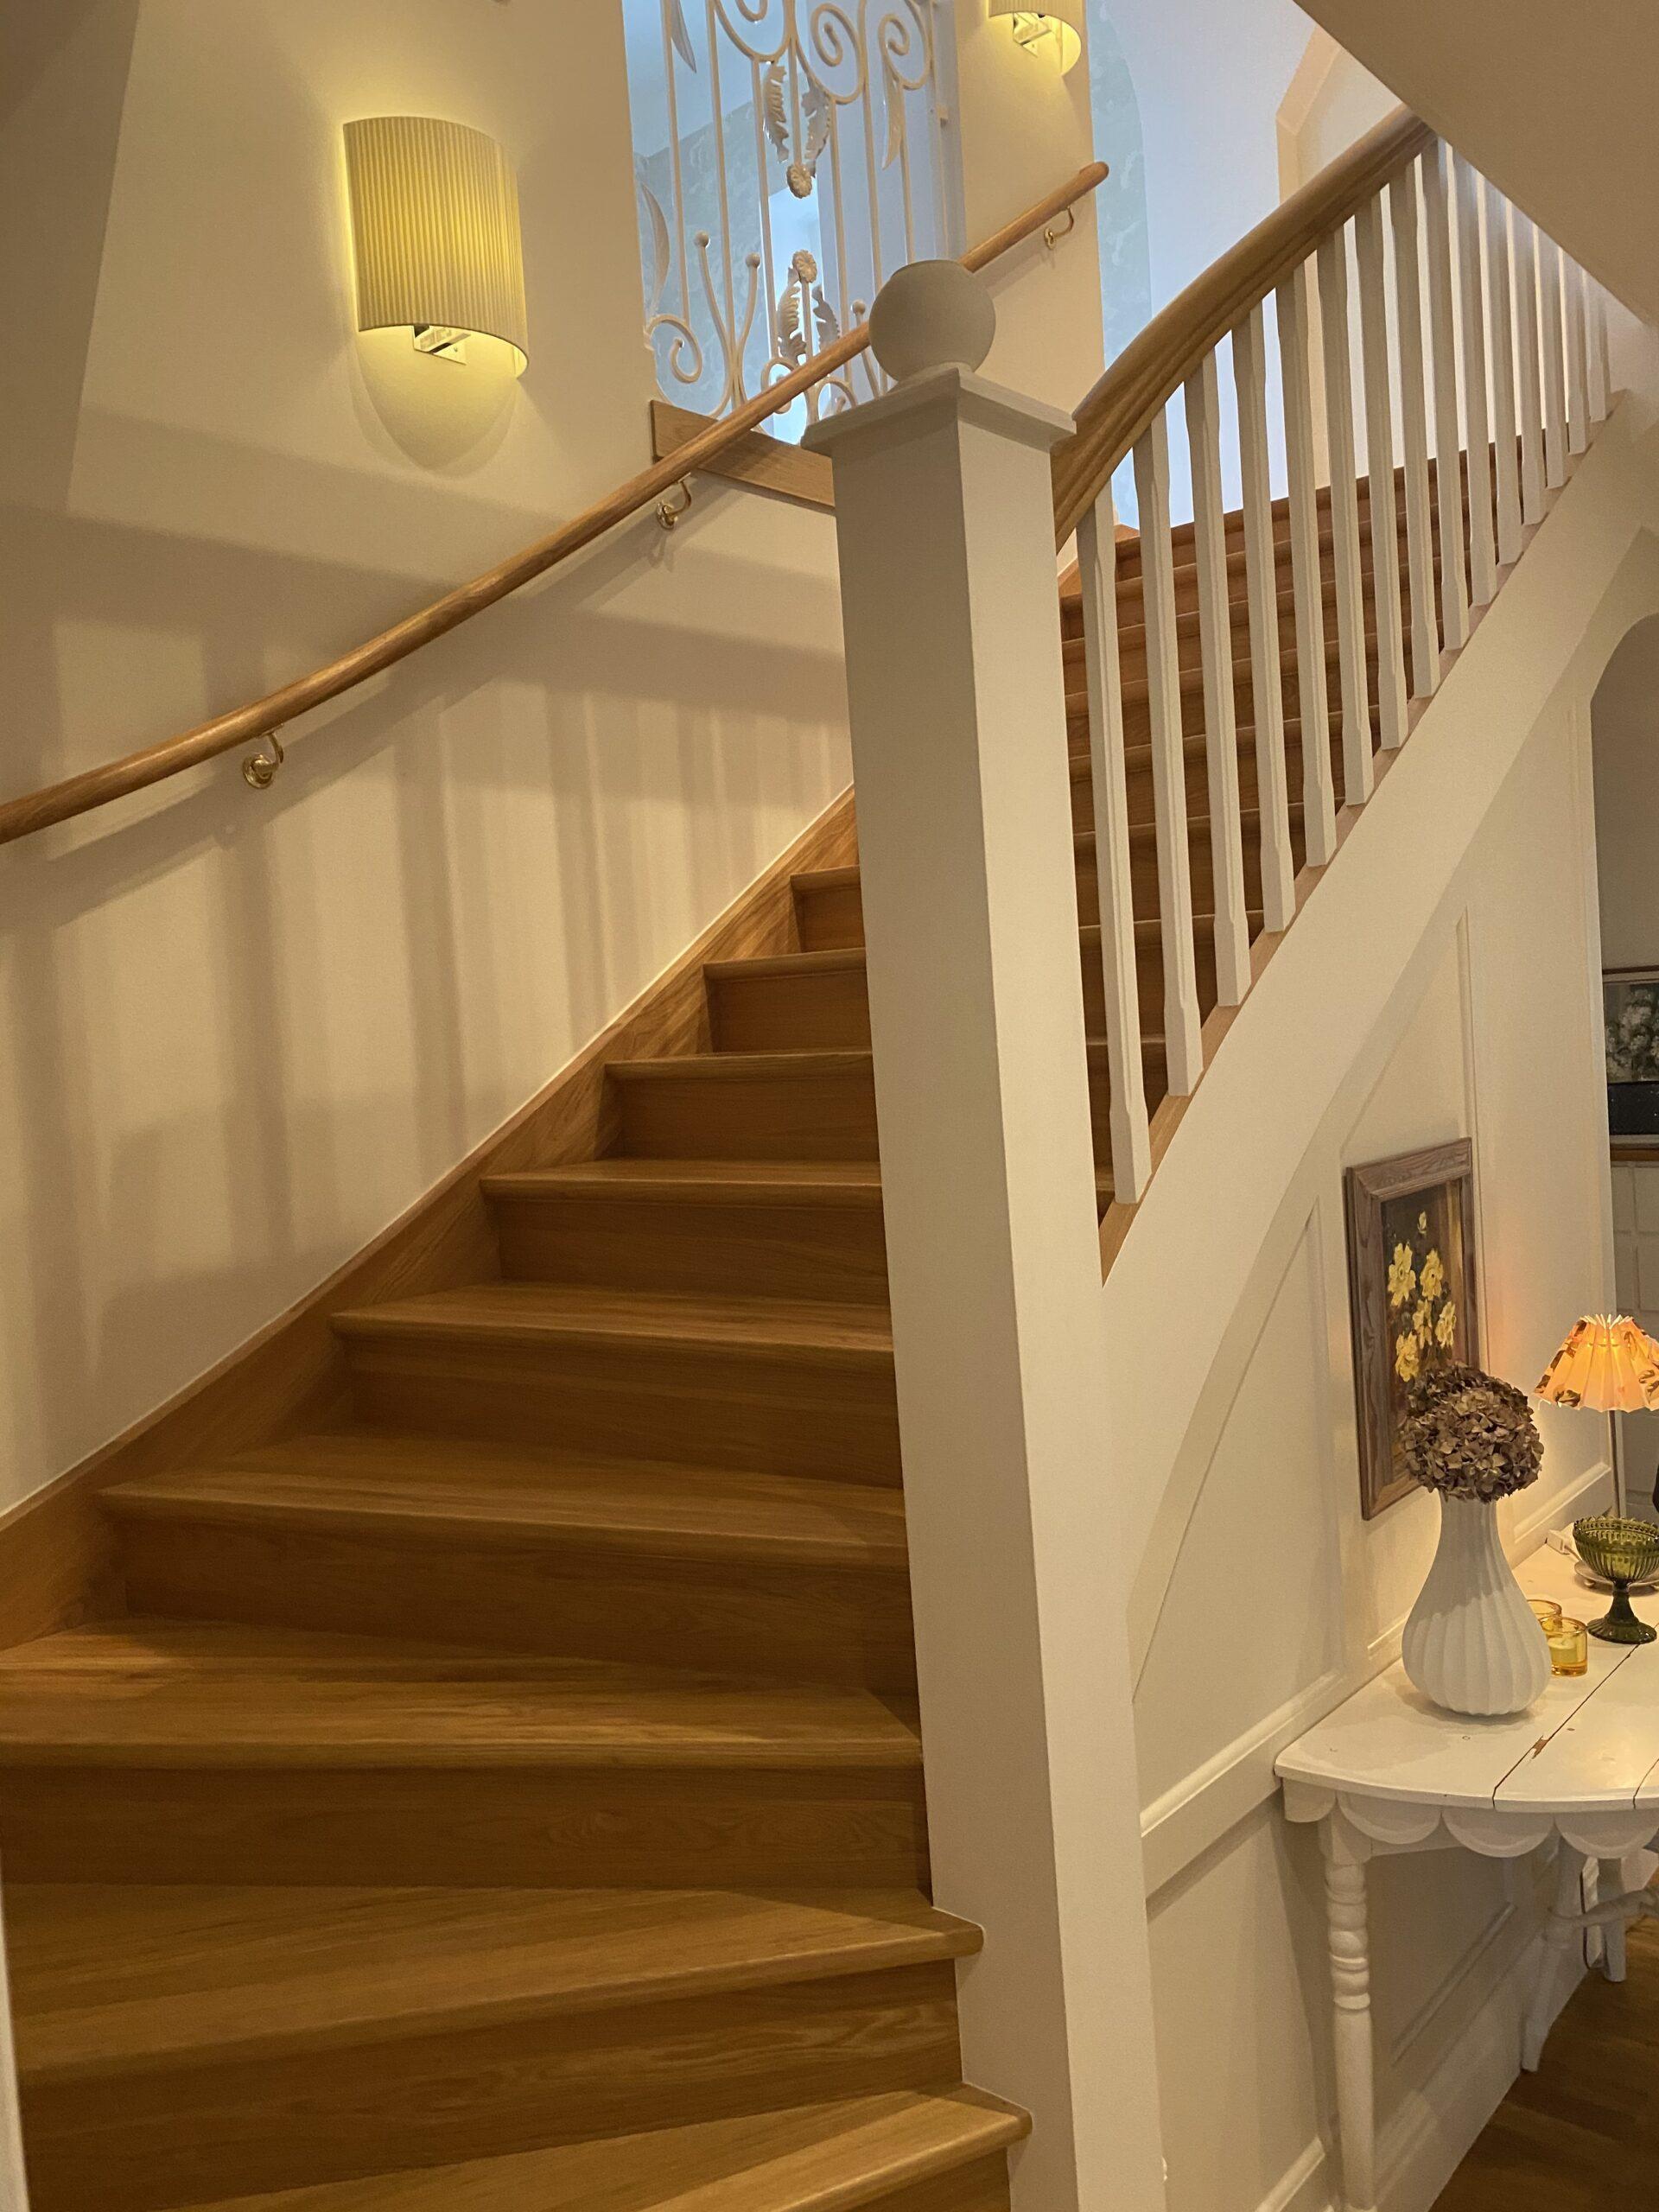 trappa i trä, vitt staket och träräcke